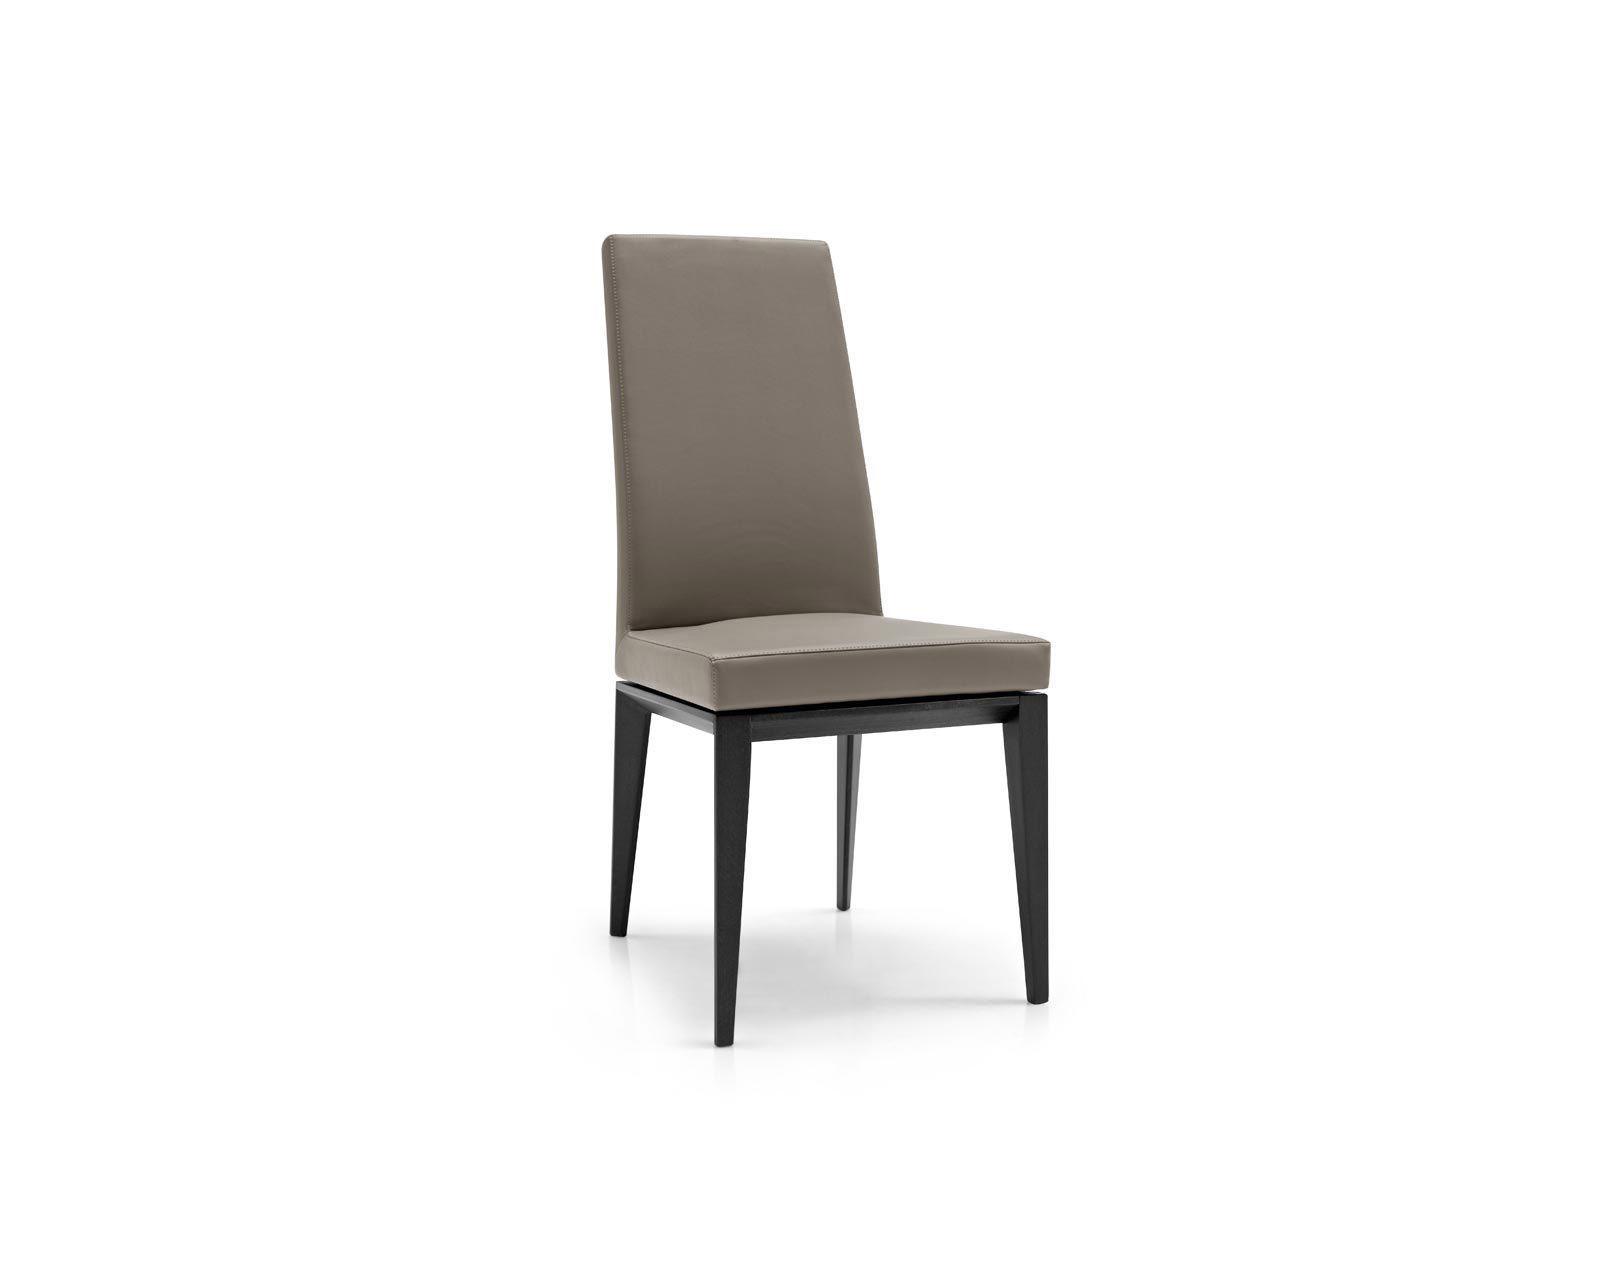 Sedie Schienale Alto Ecopelle : Sedia moderna con braccioli imbottita con schienale alto